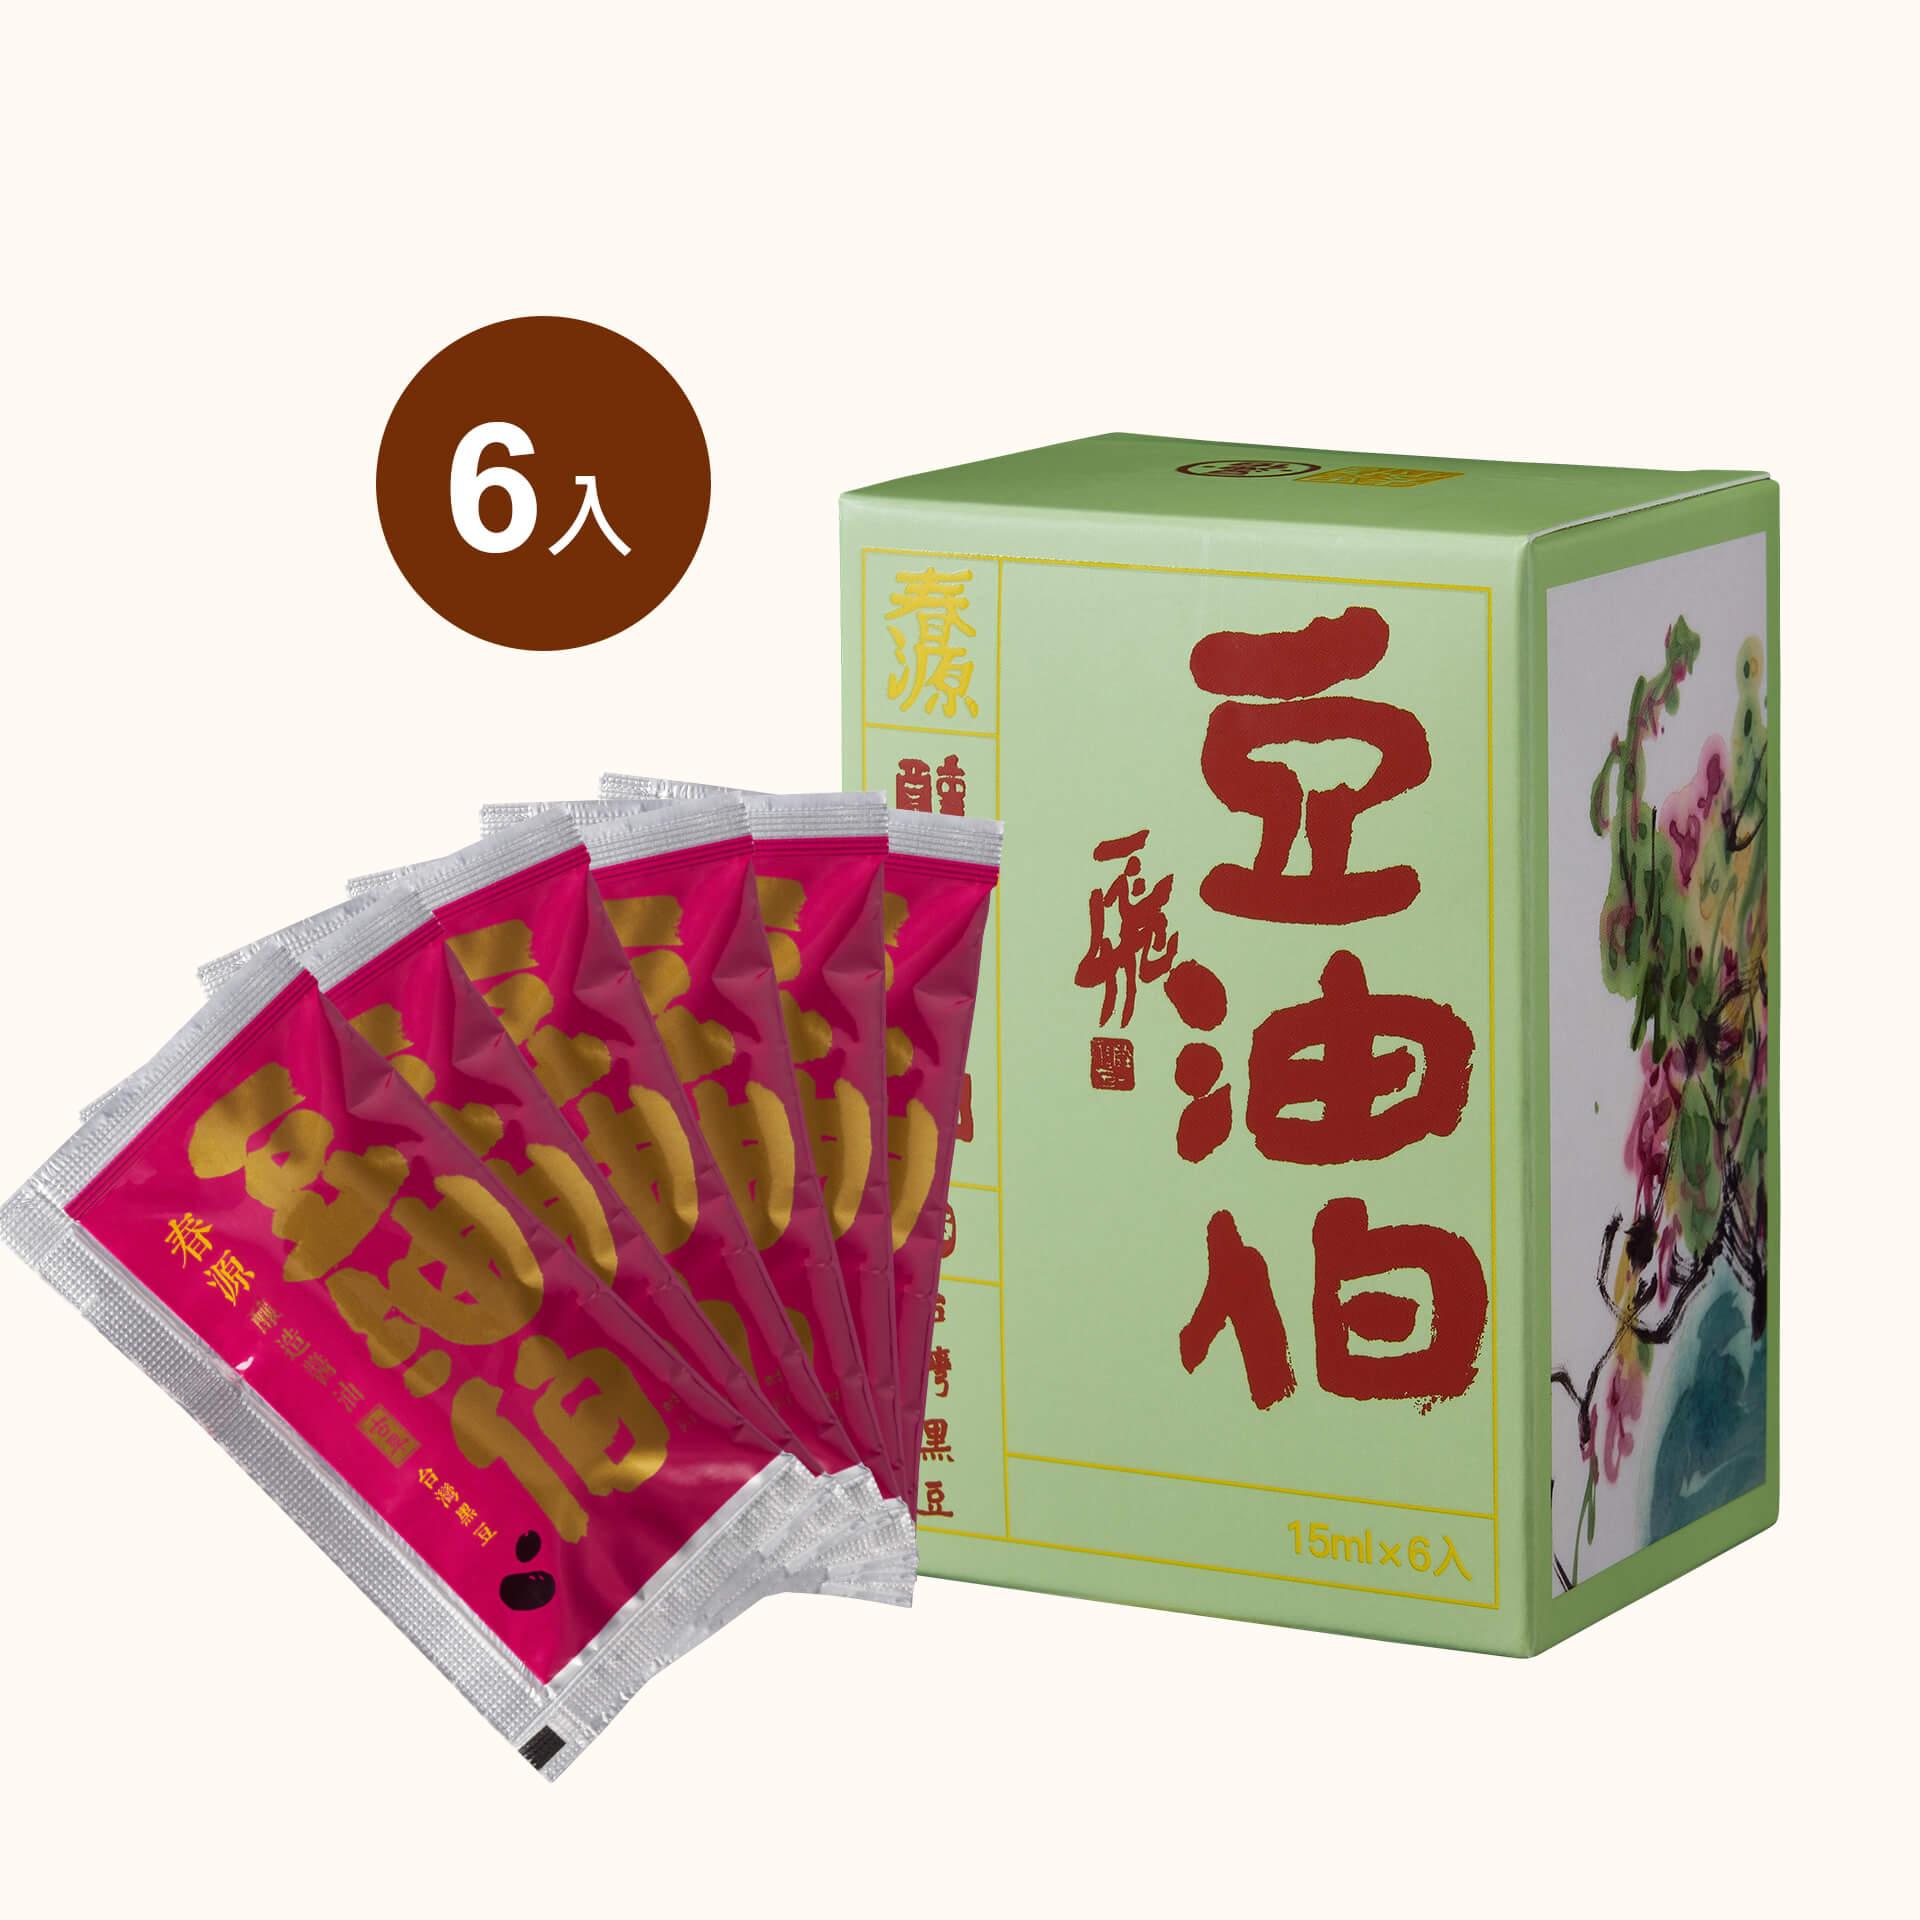 【新品推薦】豆油伯春源釀造醬油(6入隨身包)